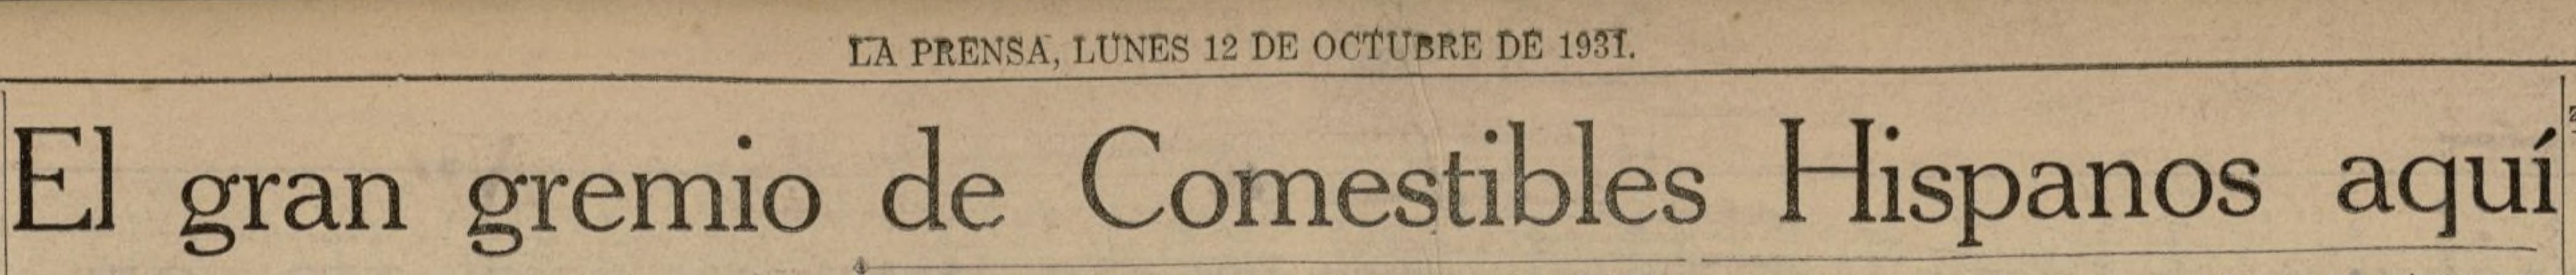 titular.